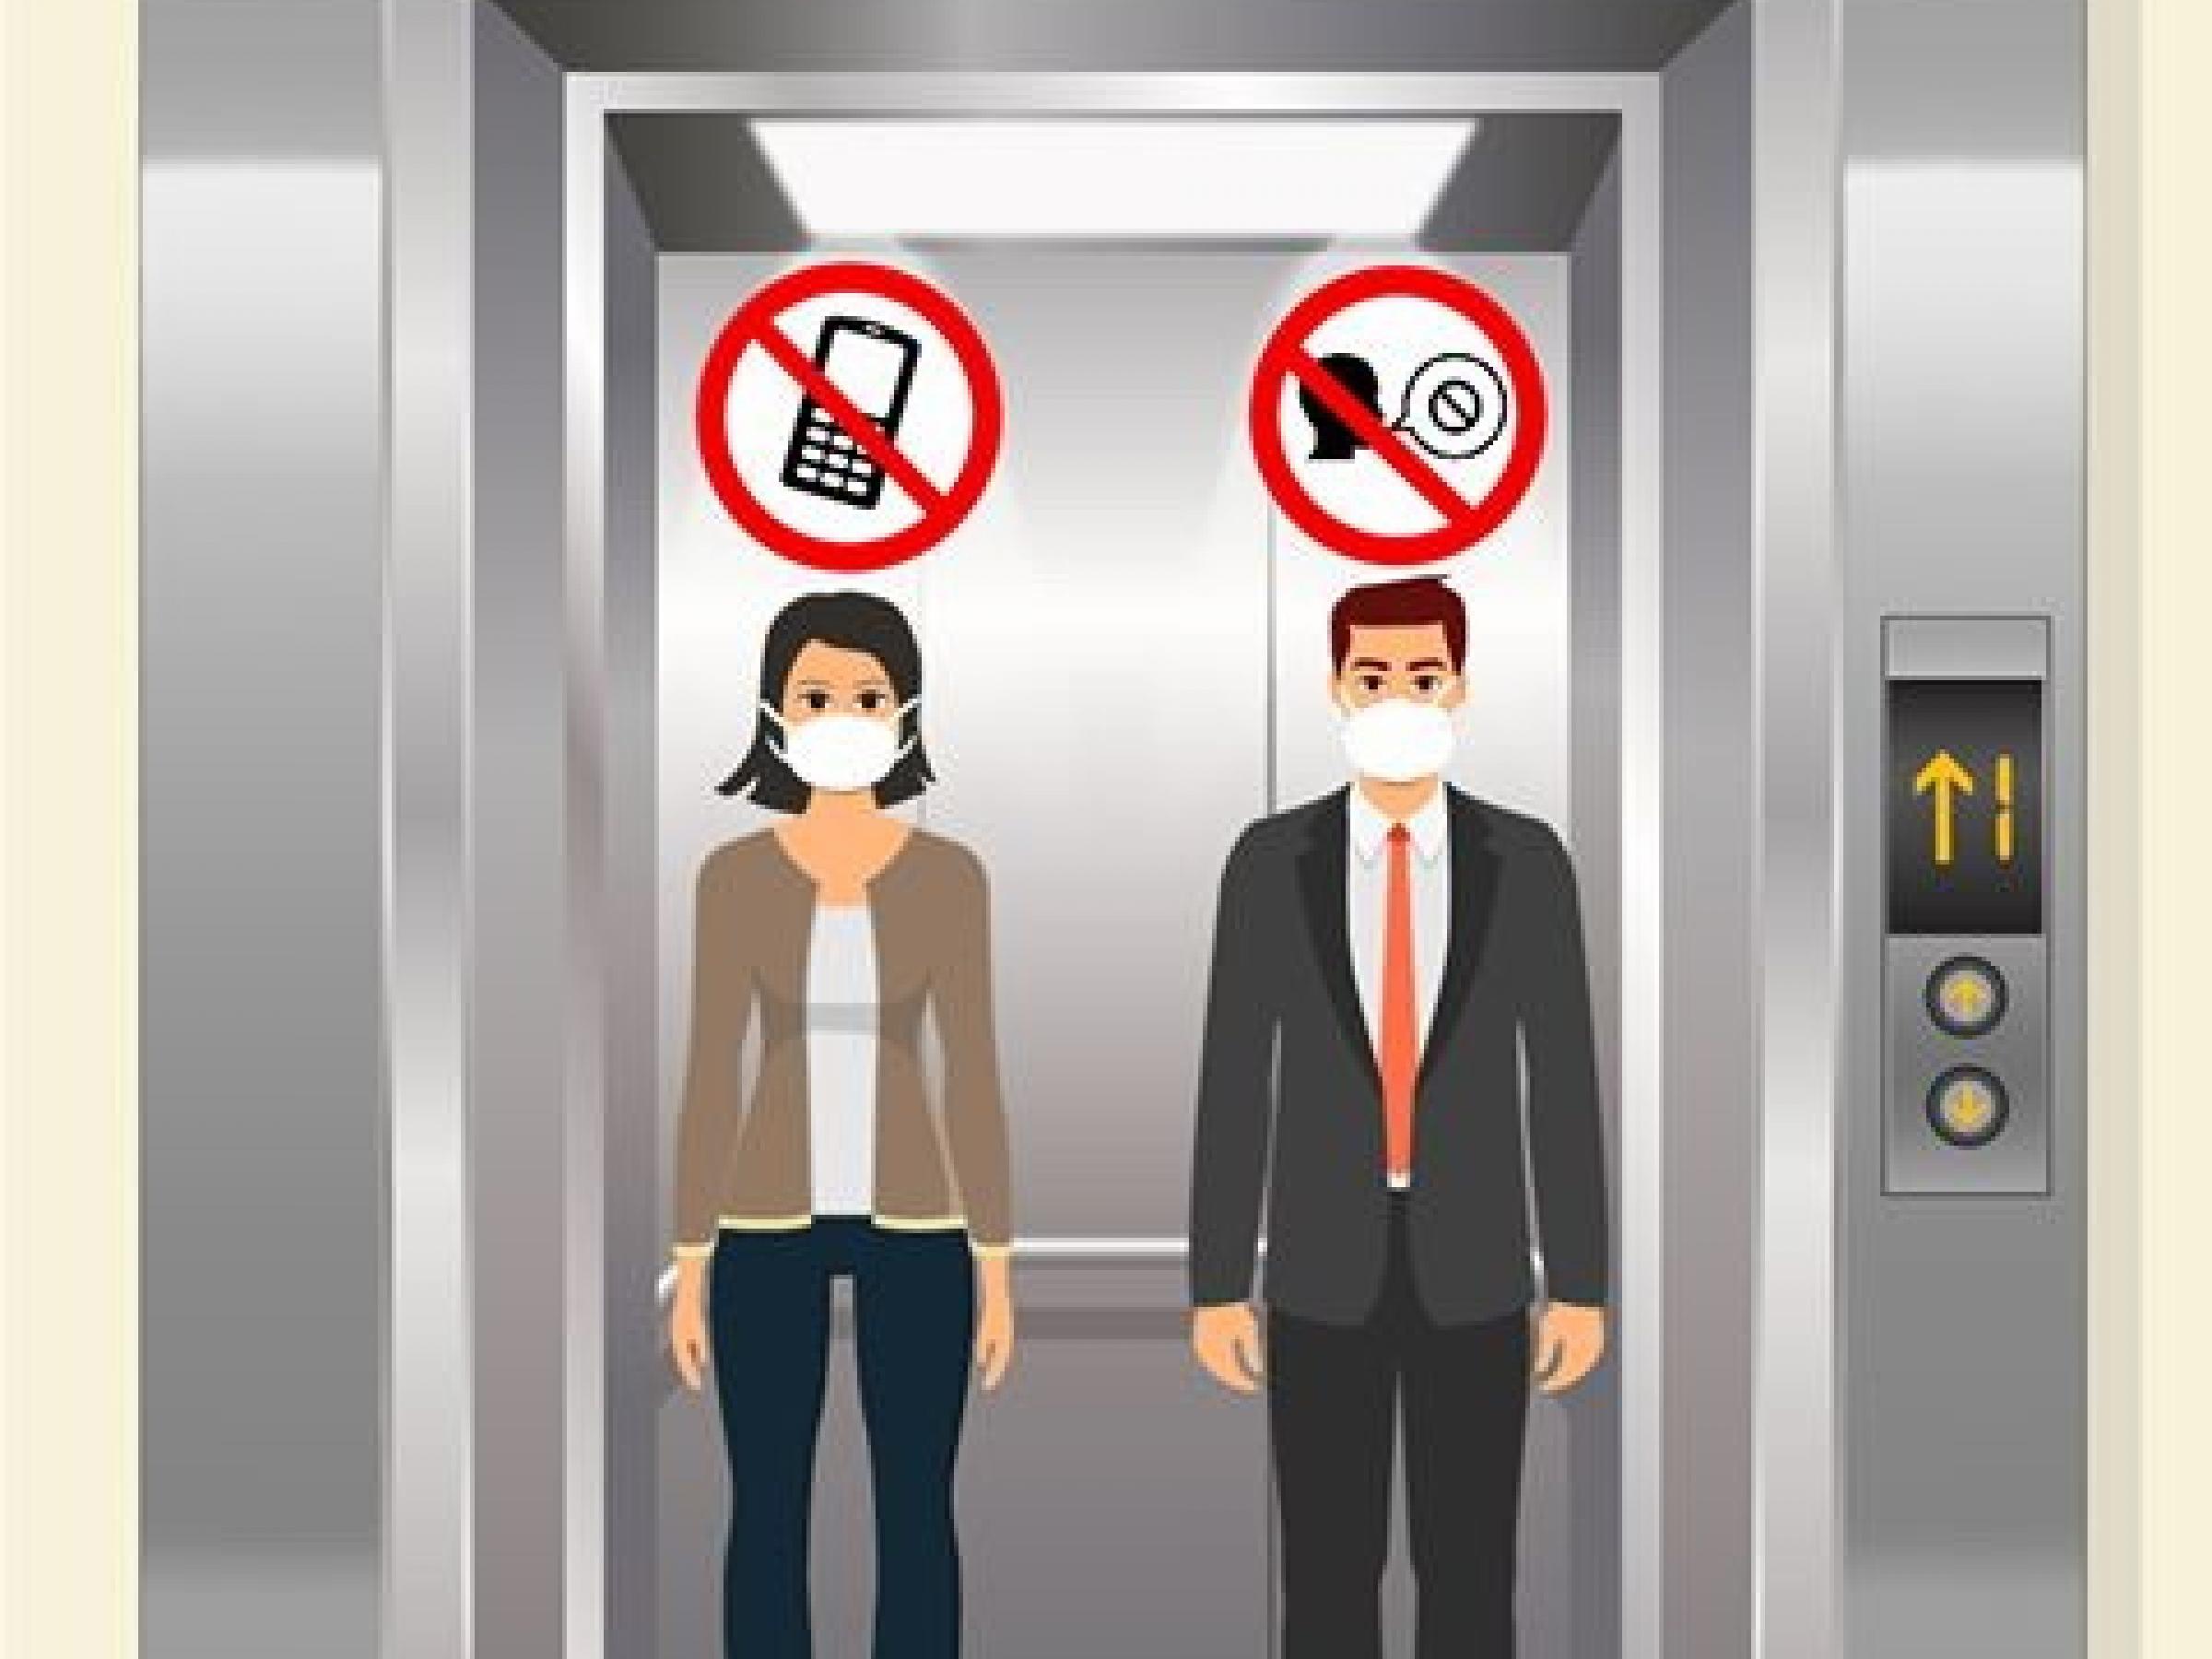 ใช้ลิฟต์และบันไดเลื่อนอย่างไร ไม่เสี่ยงต่อ COVID-19